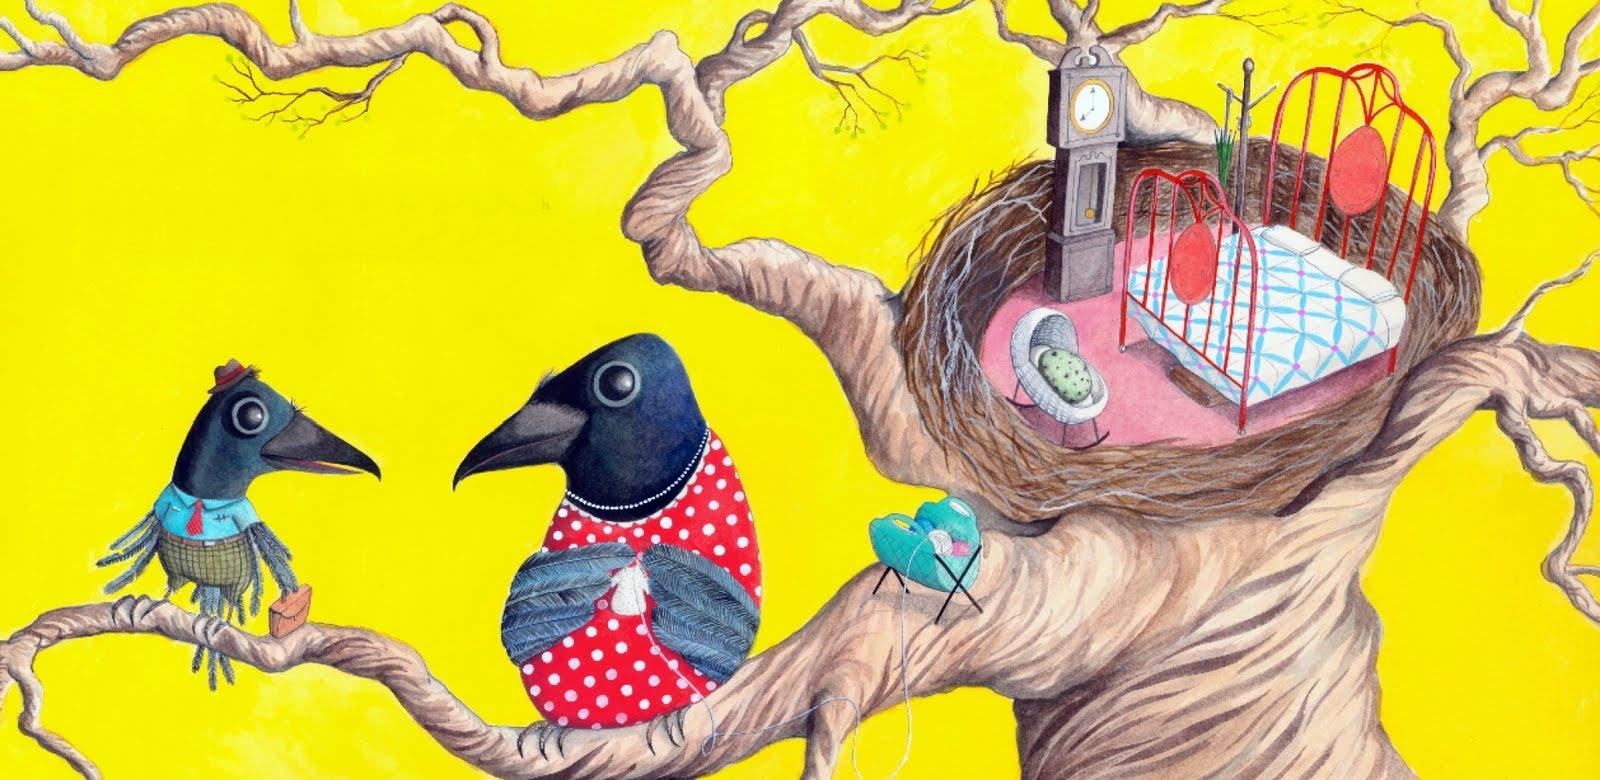 página de os corvos de pearblossom, de aldous huxley - livros infantis obscuros